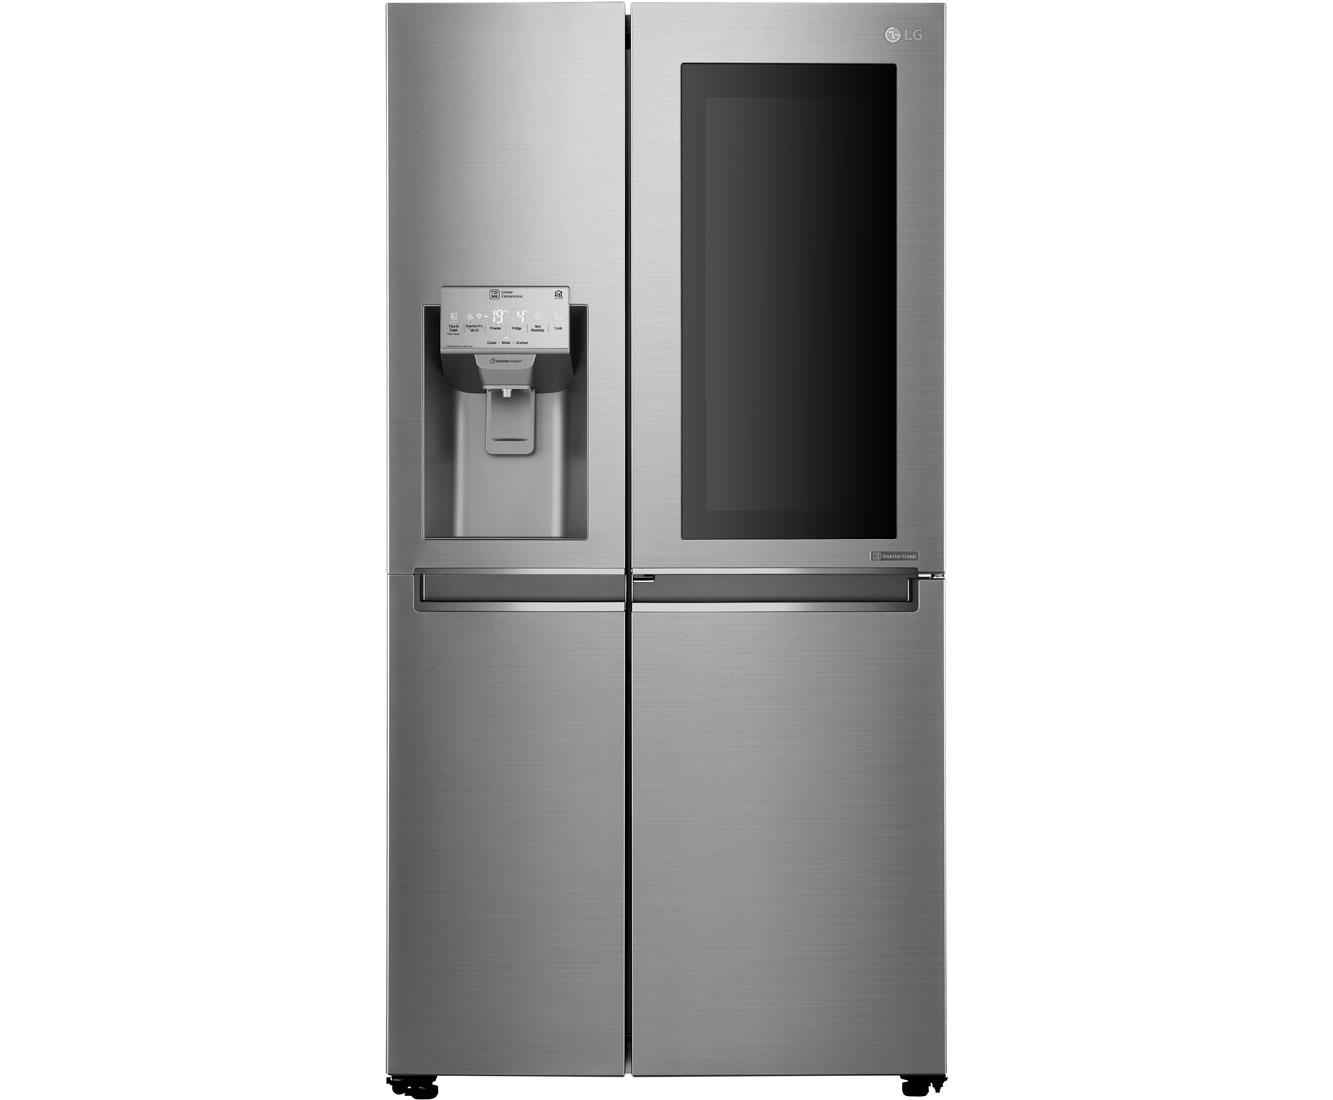 Lg Amerikanischer Kühlschrank Preis : Lg gsi pzaz amerikanischer side by side mit wasserspender